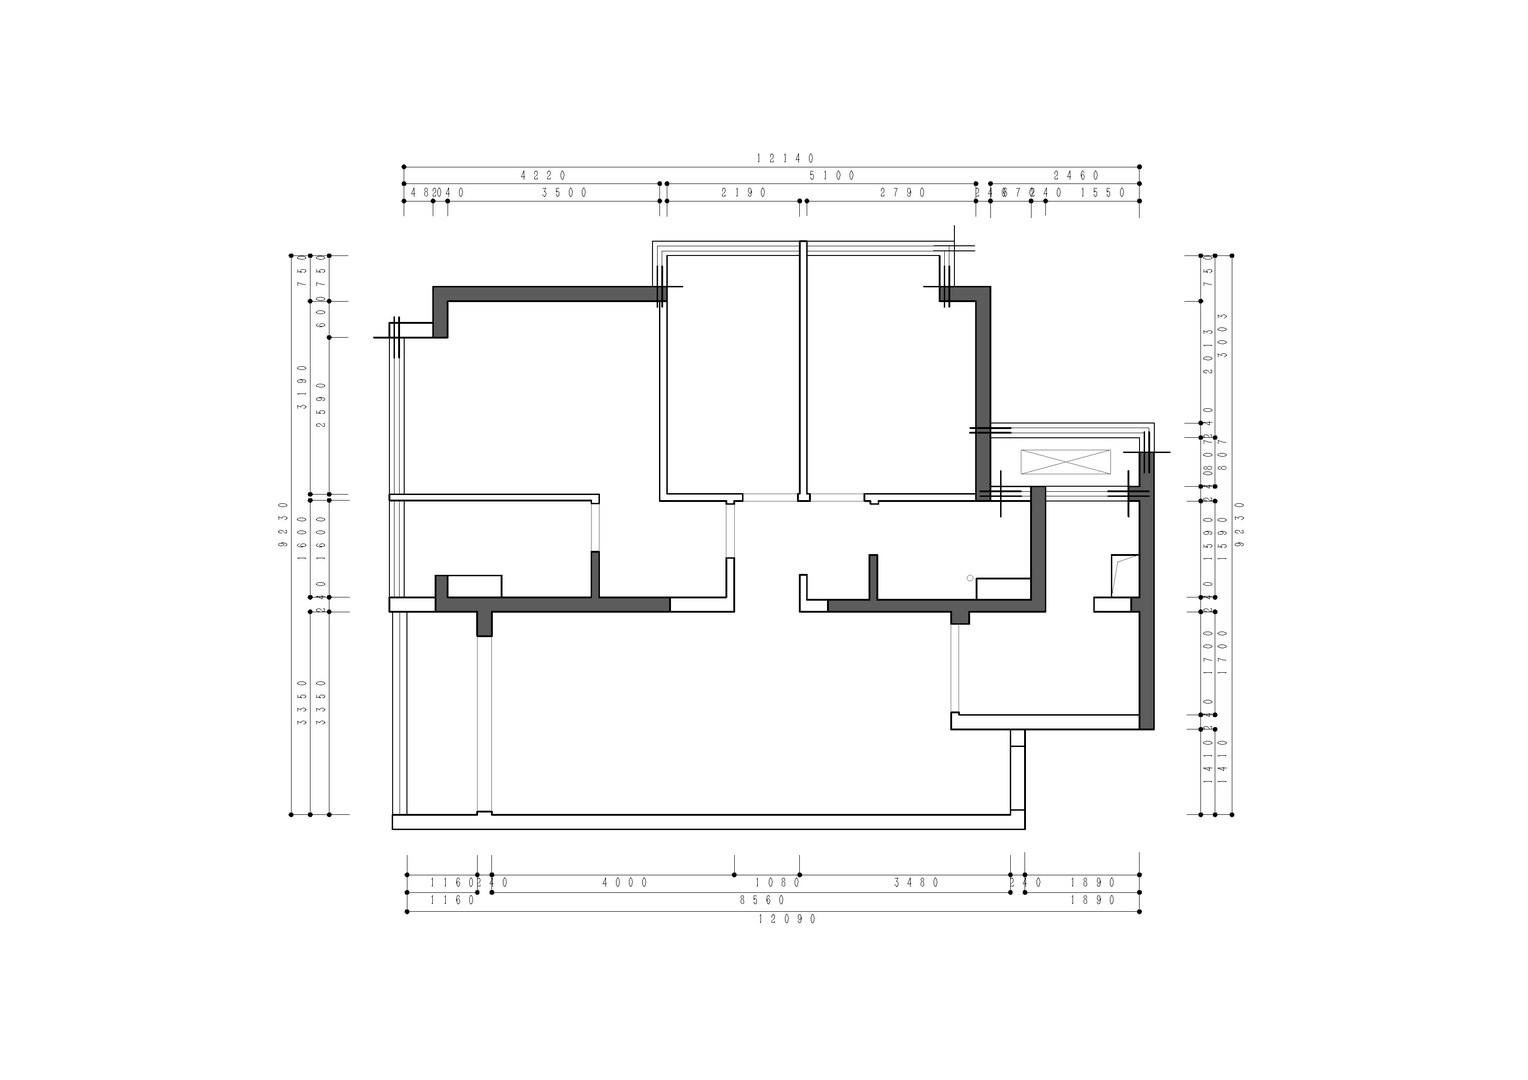 御景峯-111m/2装潢-美式性状style策划案例装潢策划愿景